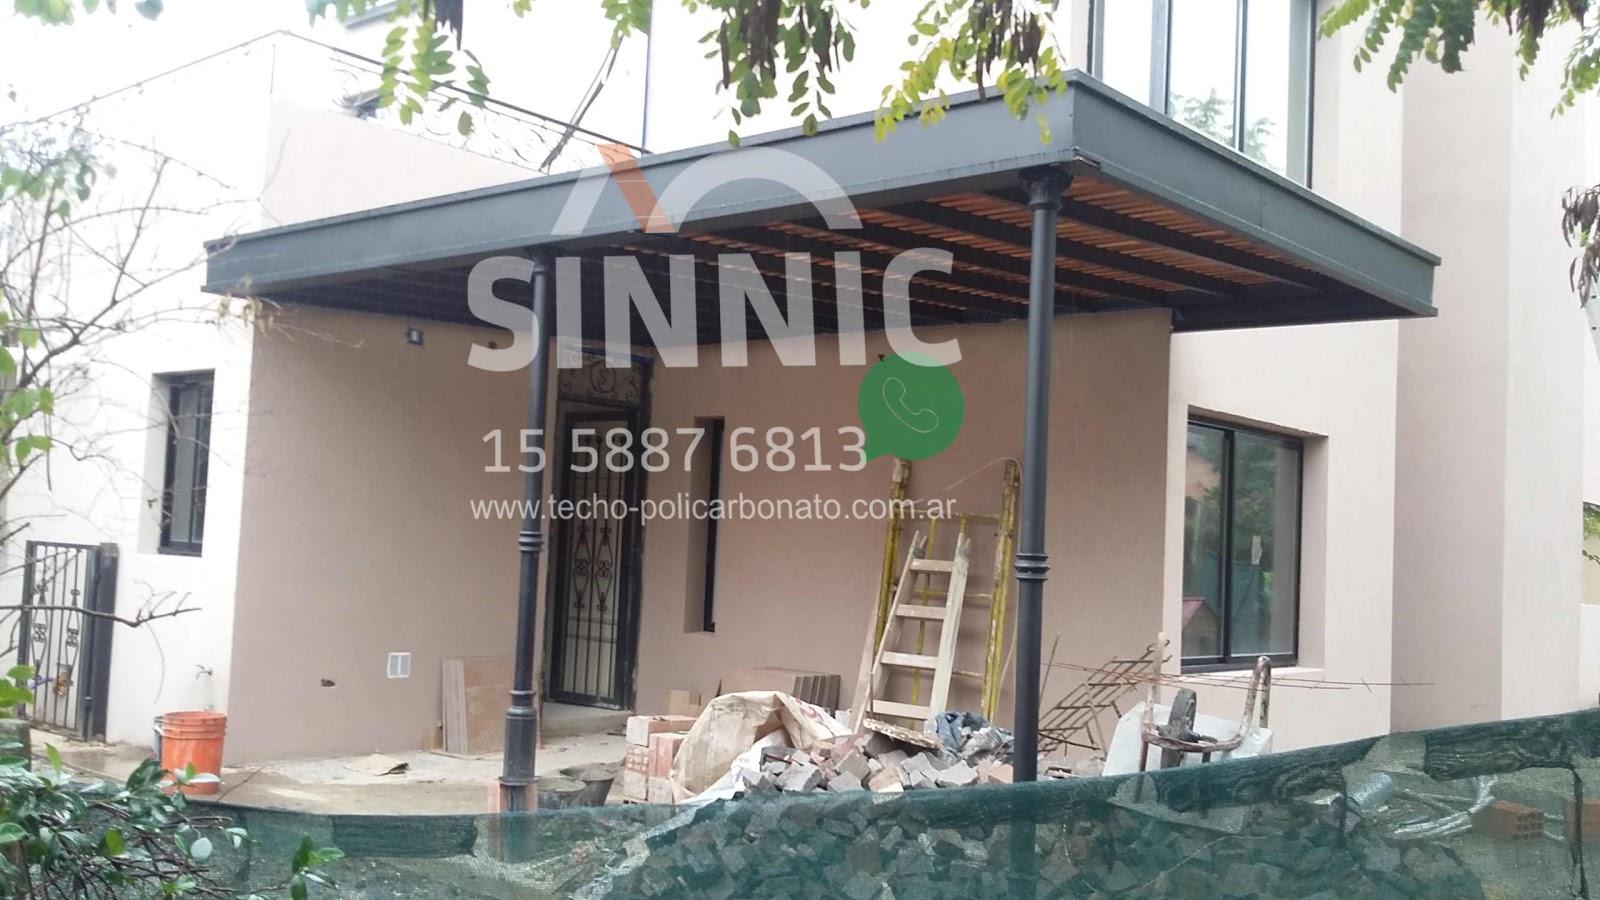 Techo de policarbonato pergolas aleros for Diferentes tipos de techos para terrazas